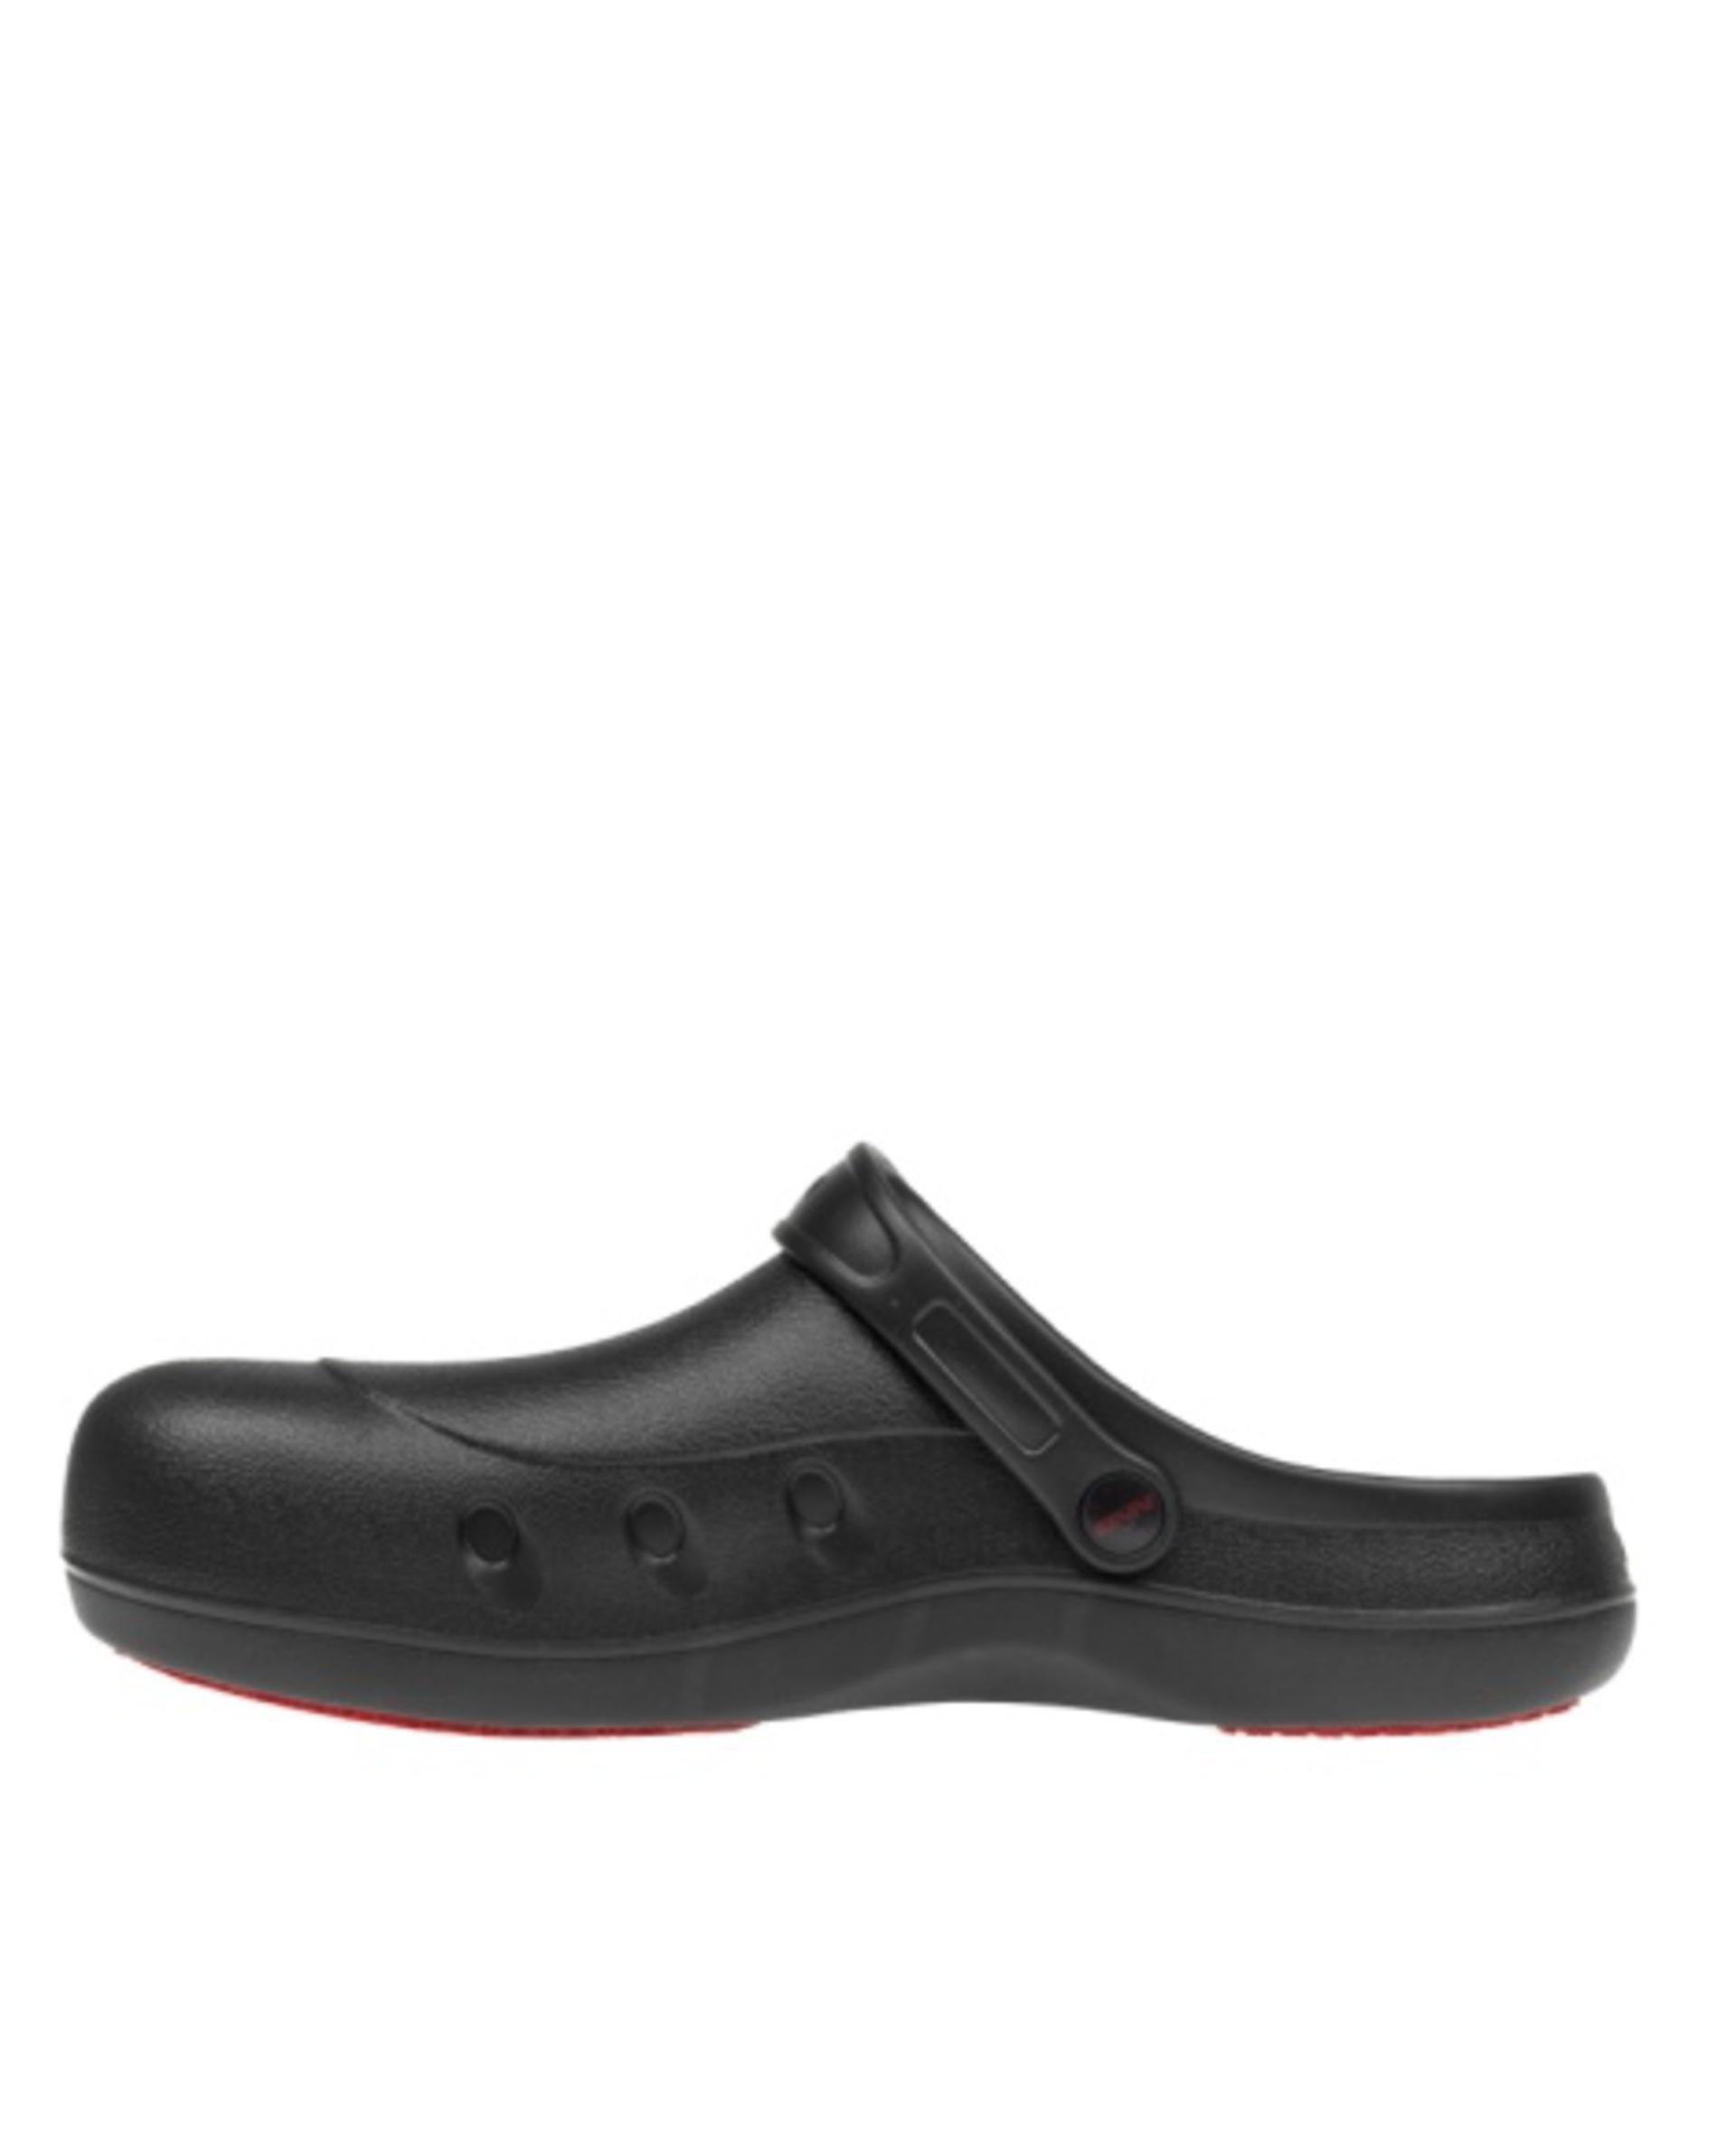 BENNON černá 40-41 MAXIM OB SRC černá 40-41 Pantofle černá 40-41 černá 40-41 + Bezplatné vrácení zboží